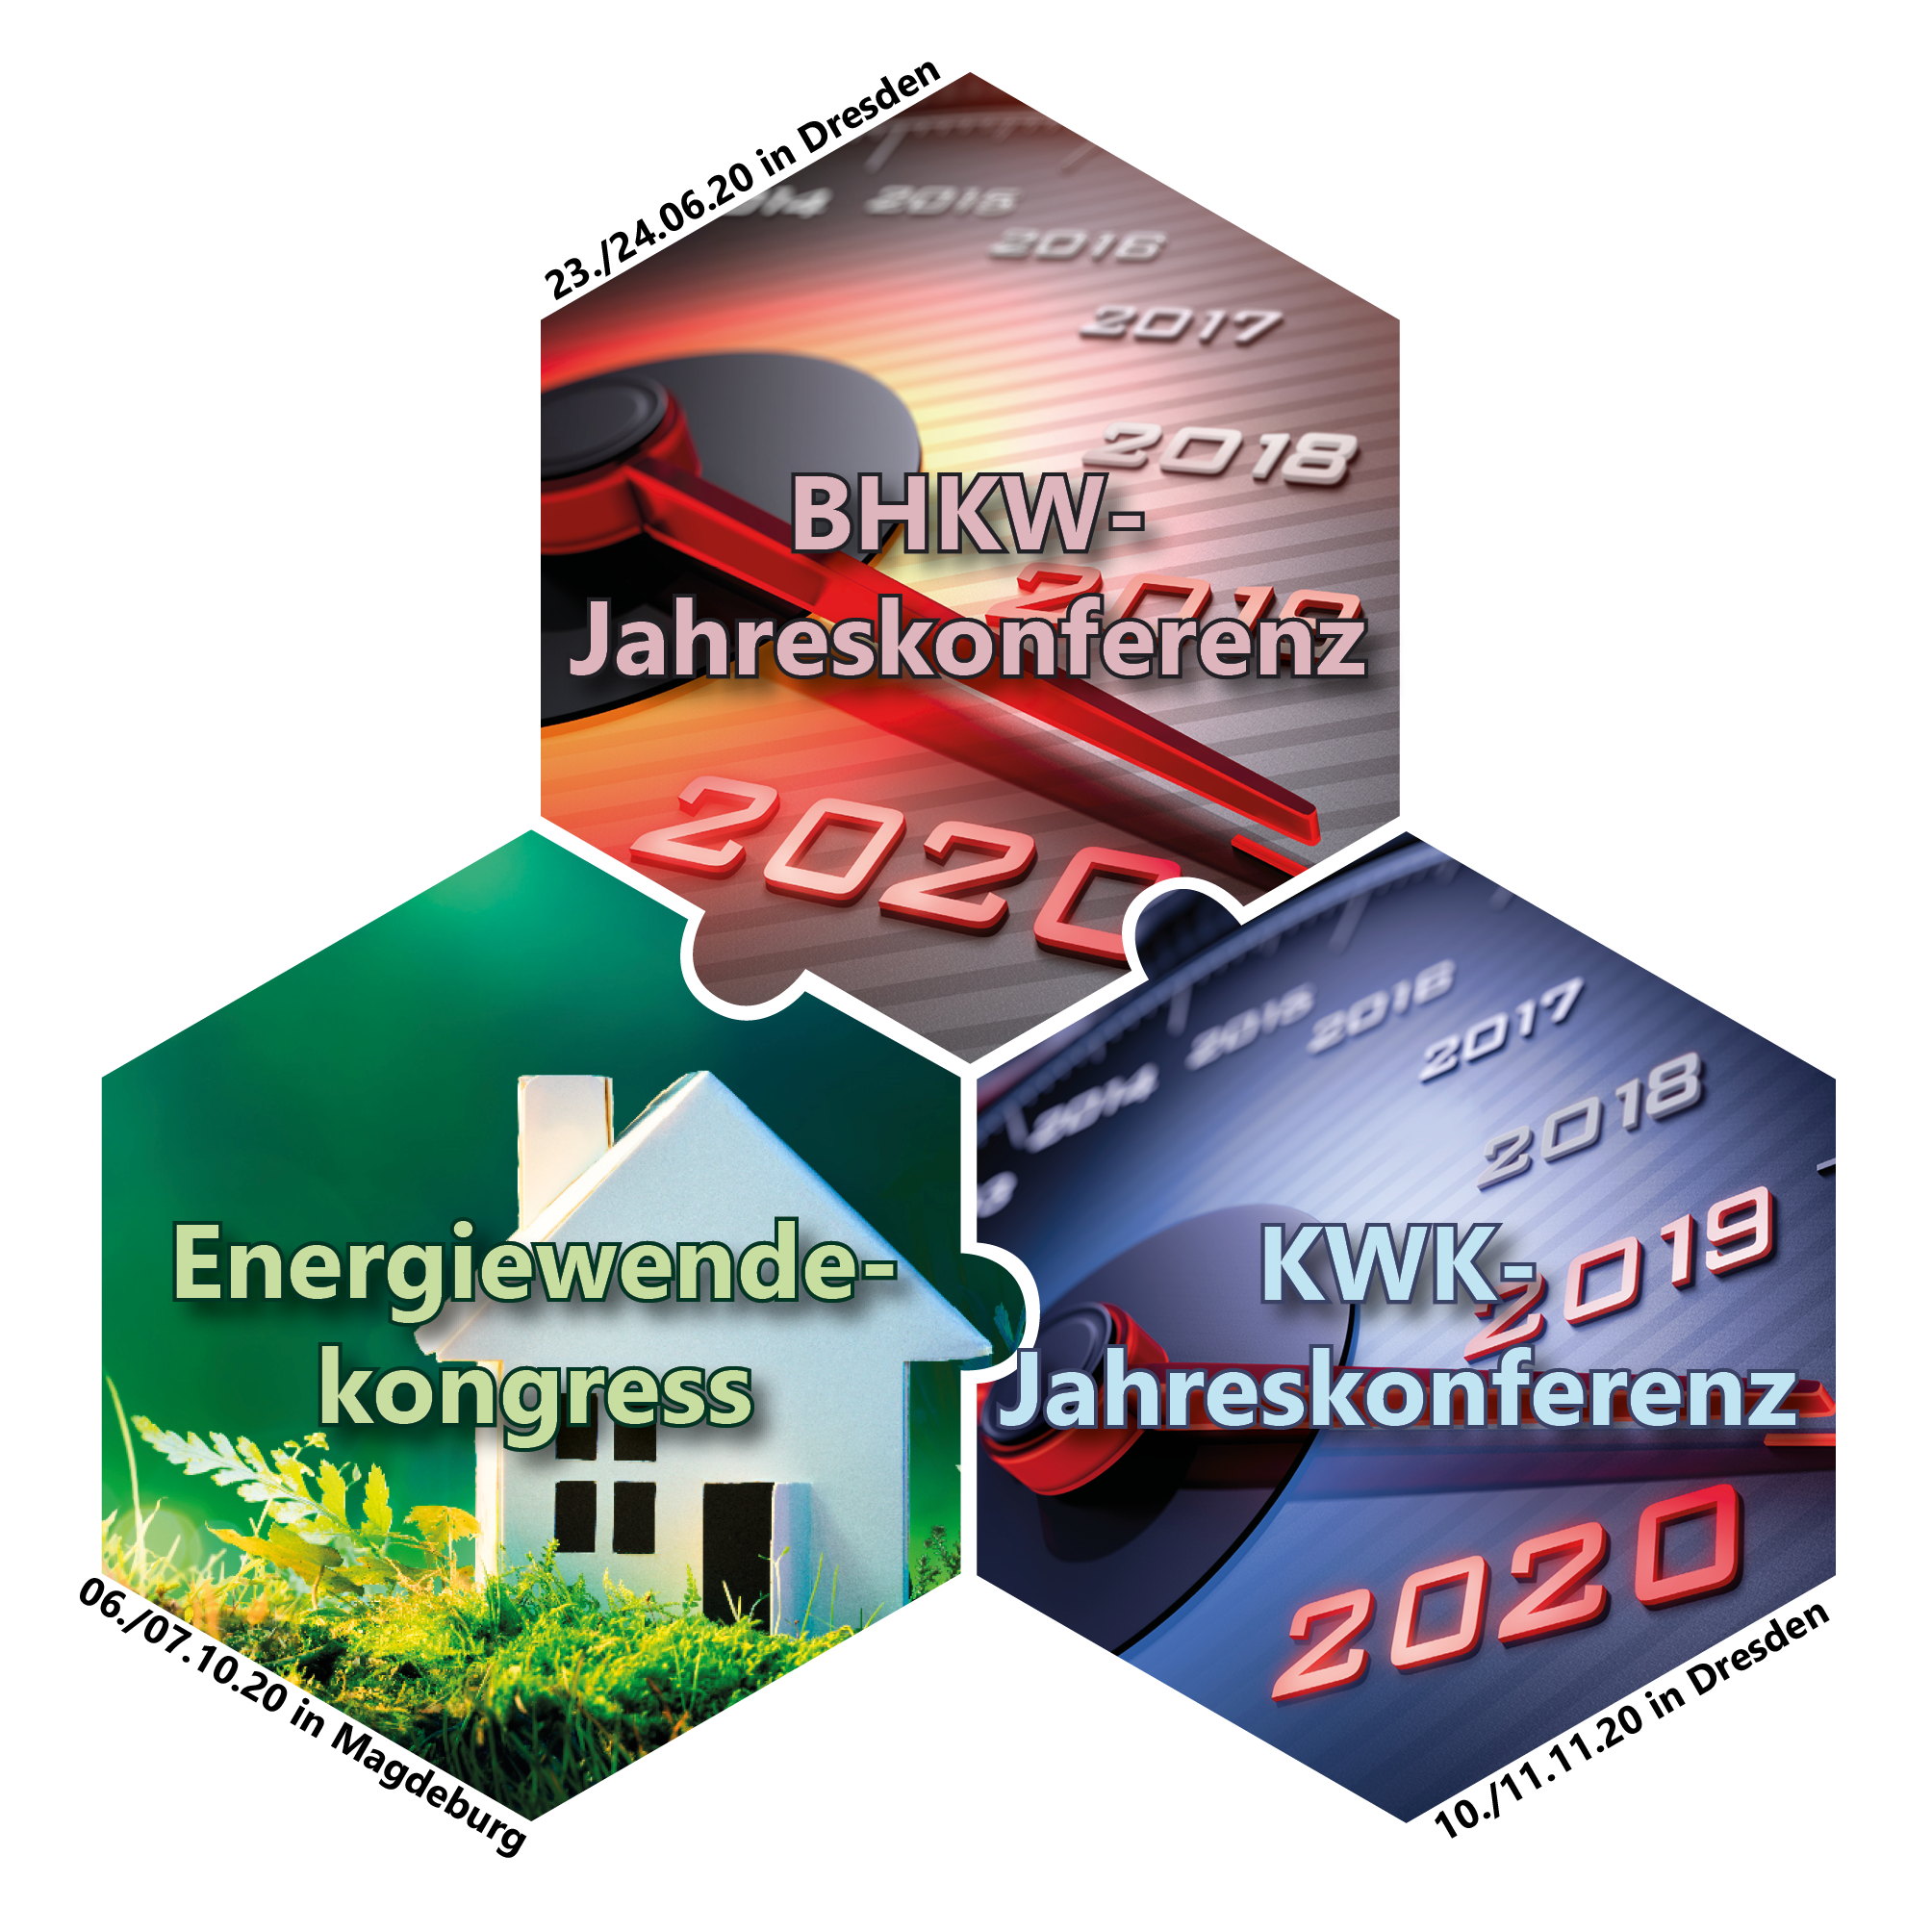 Drei Jahreskongresse zur Energiewende, BHKW und KWK